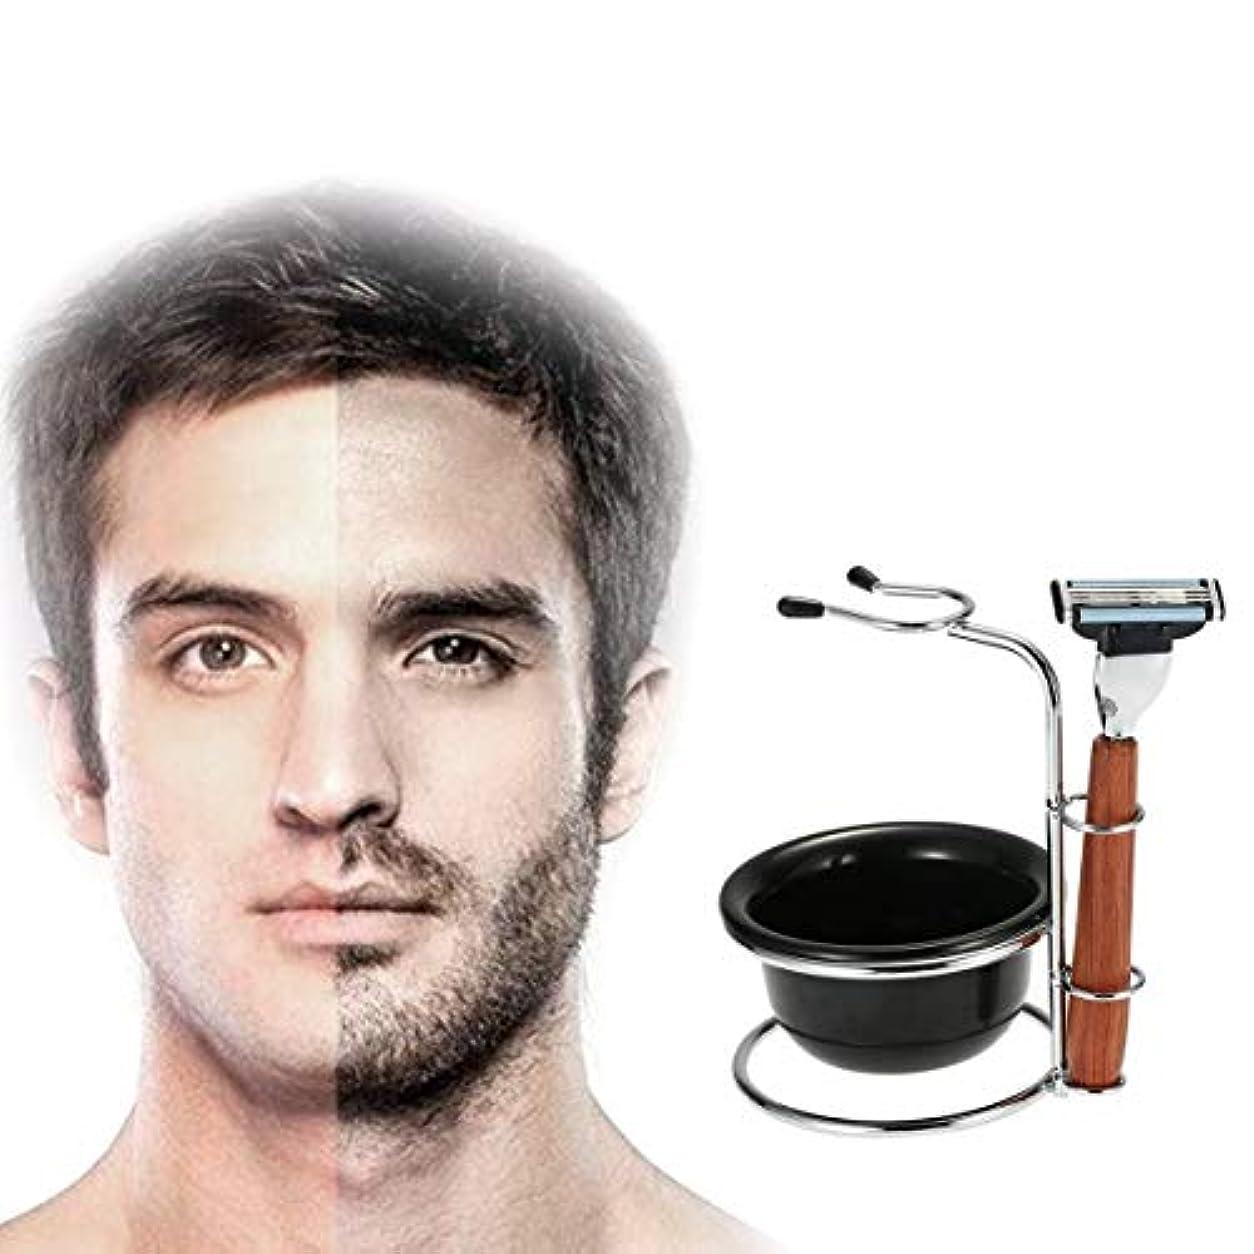 富突然の陰気Manual Shaving Set Old-fashioned Beard Razor Rosewood Men Shavers Shaving Razor Hair Trimmer Washable For Home...